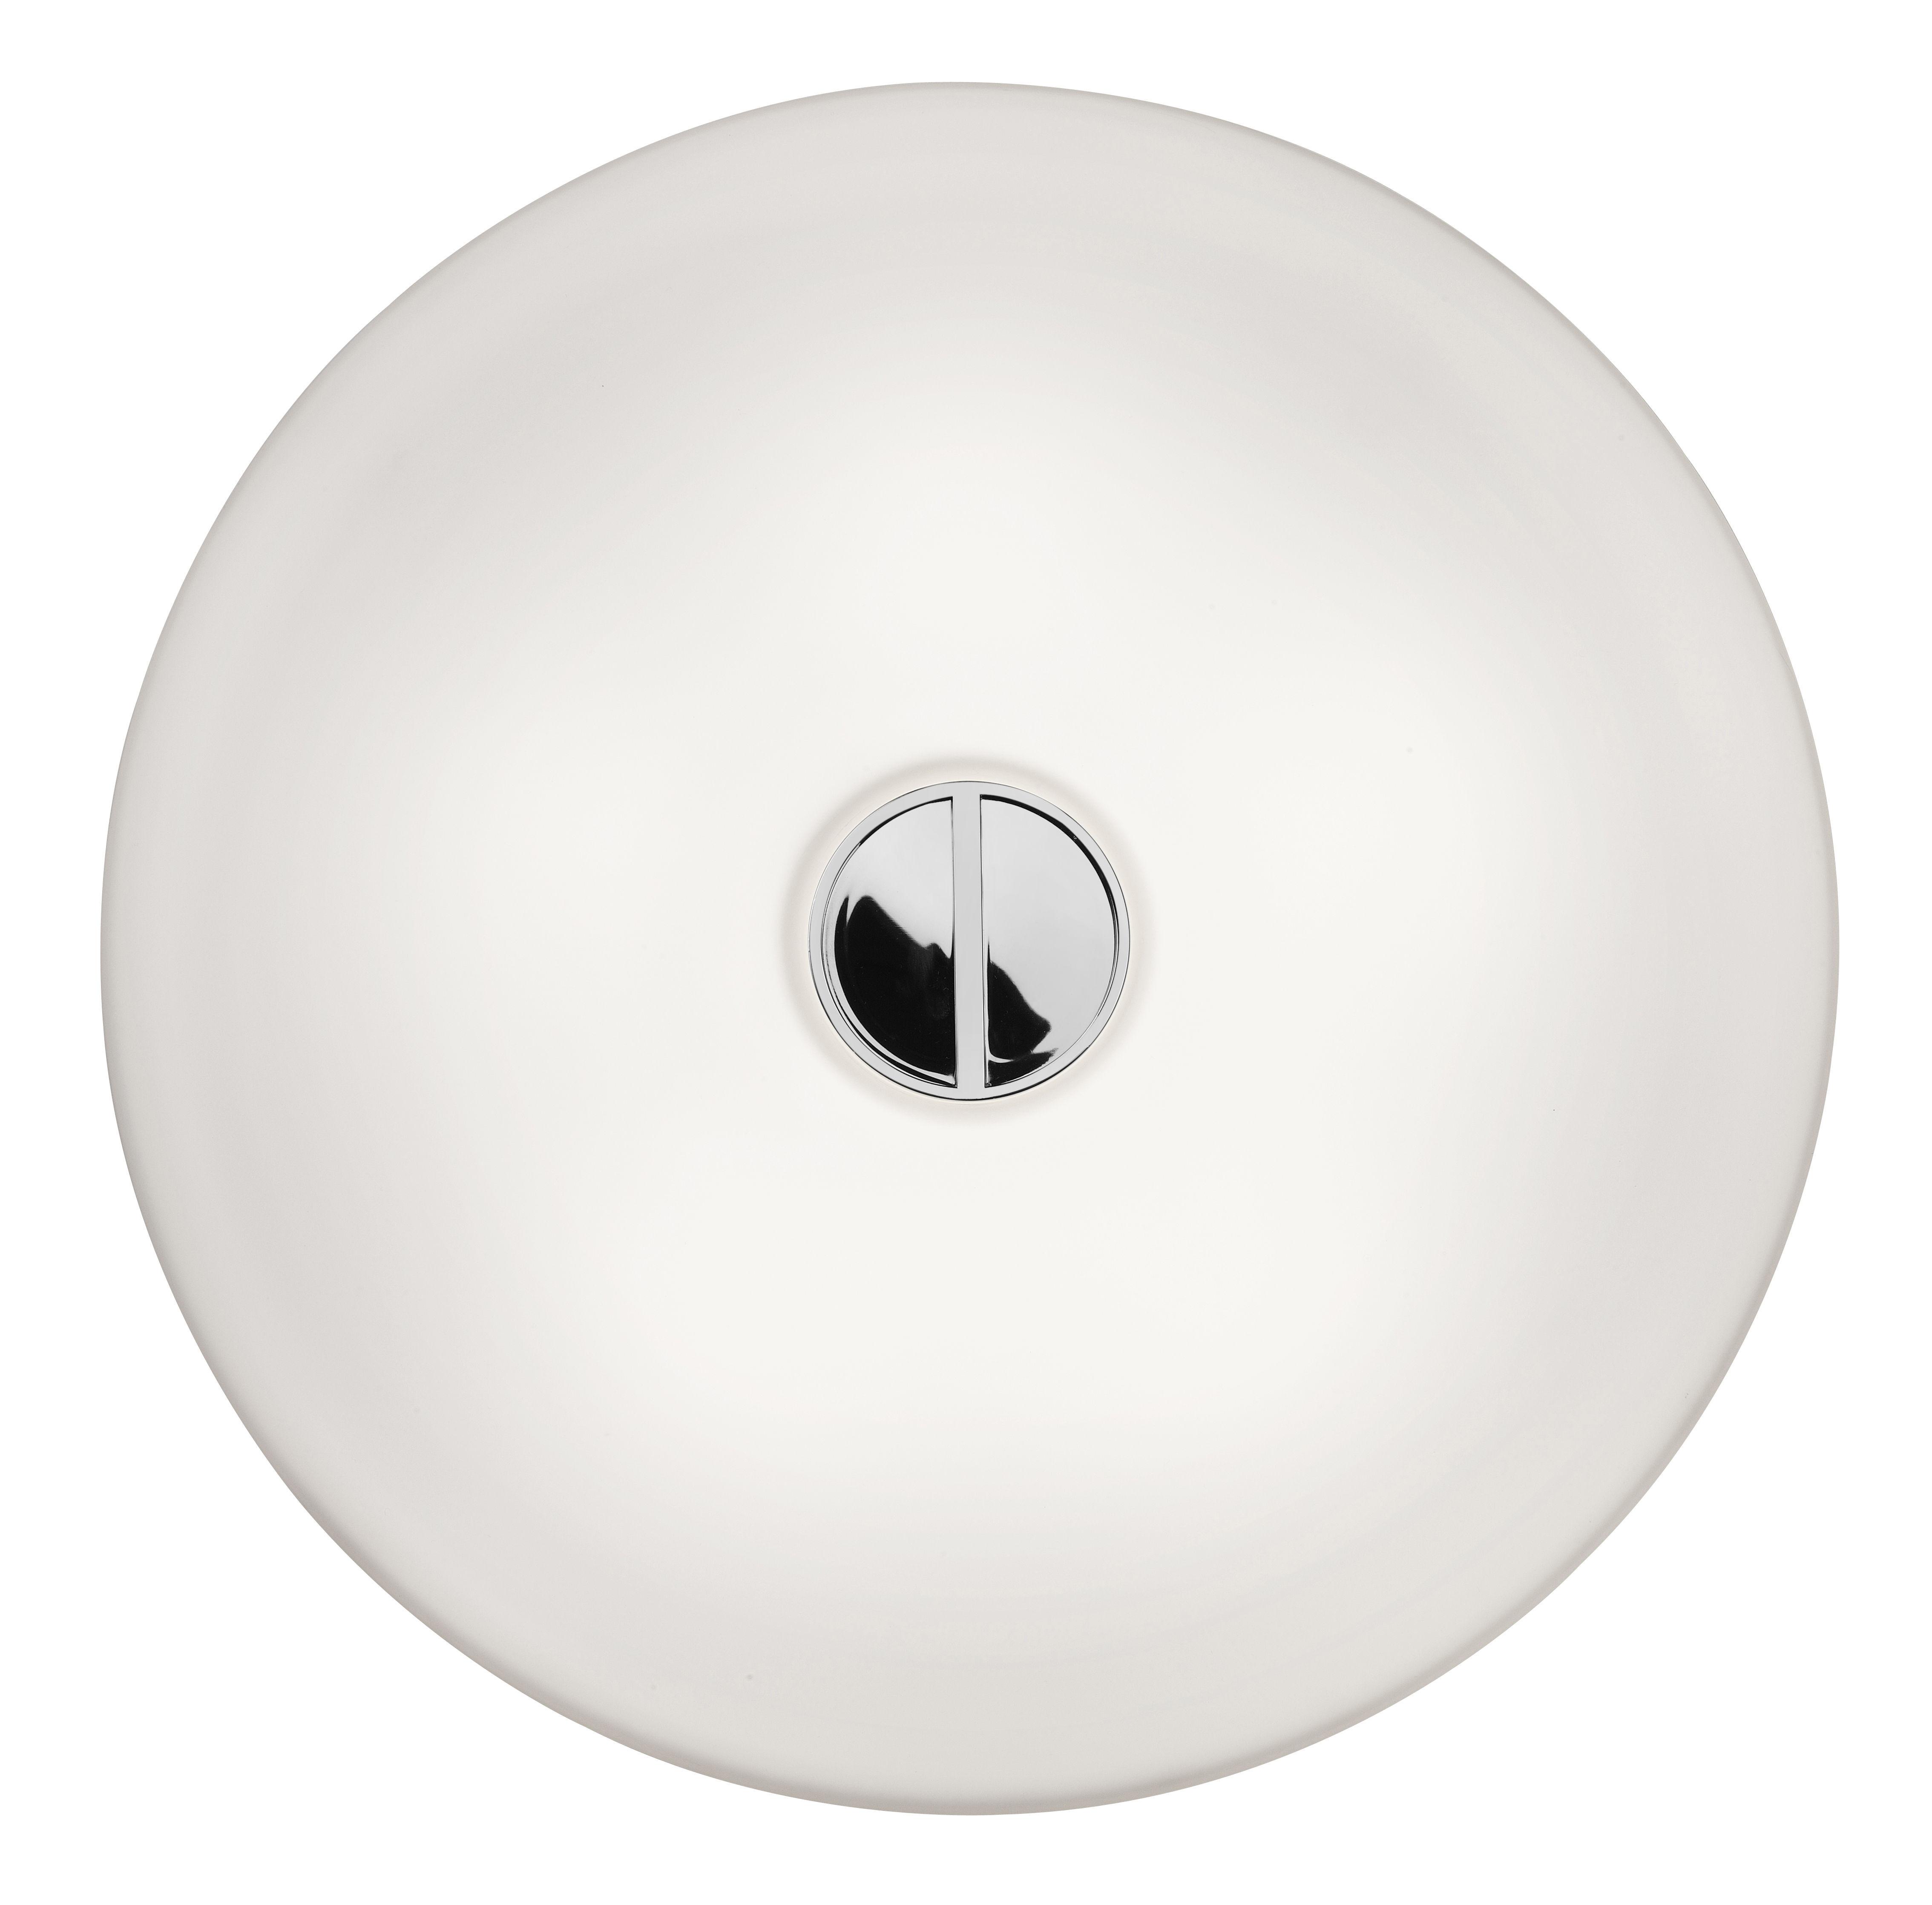 Leuchten - Wandleuchten - Mini Button Outdoor-Wandleuchte - Flos - Weiß / weiß - Polykarbonat